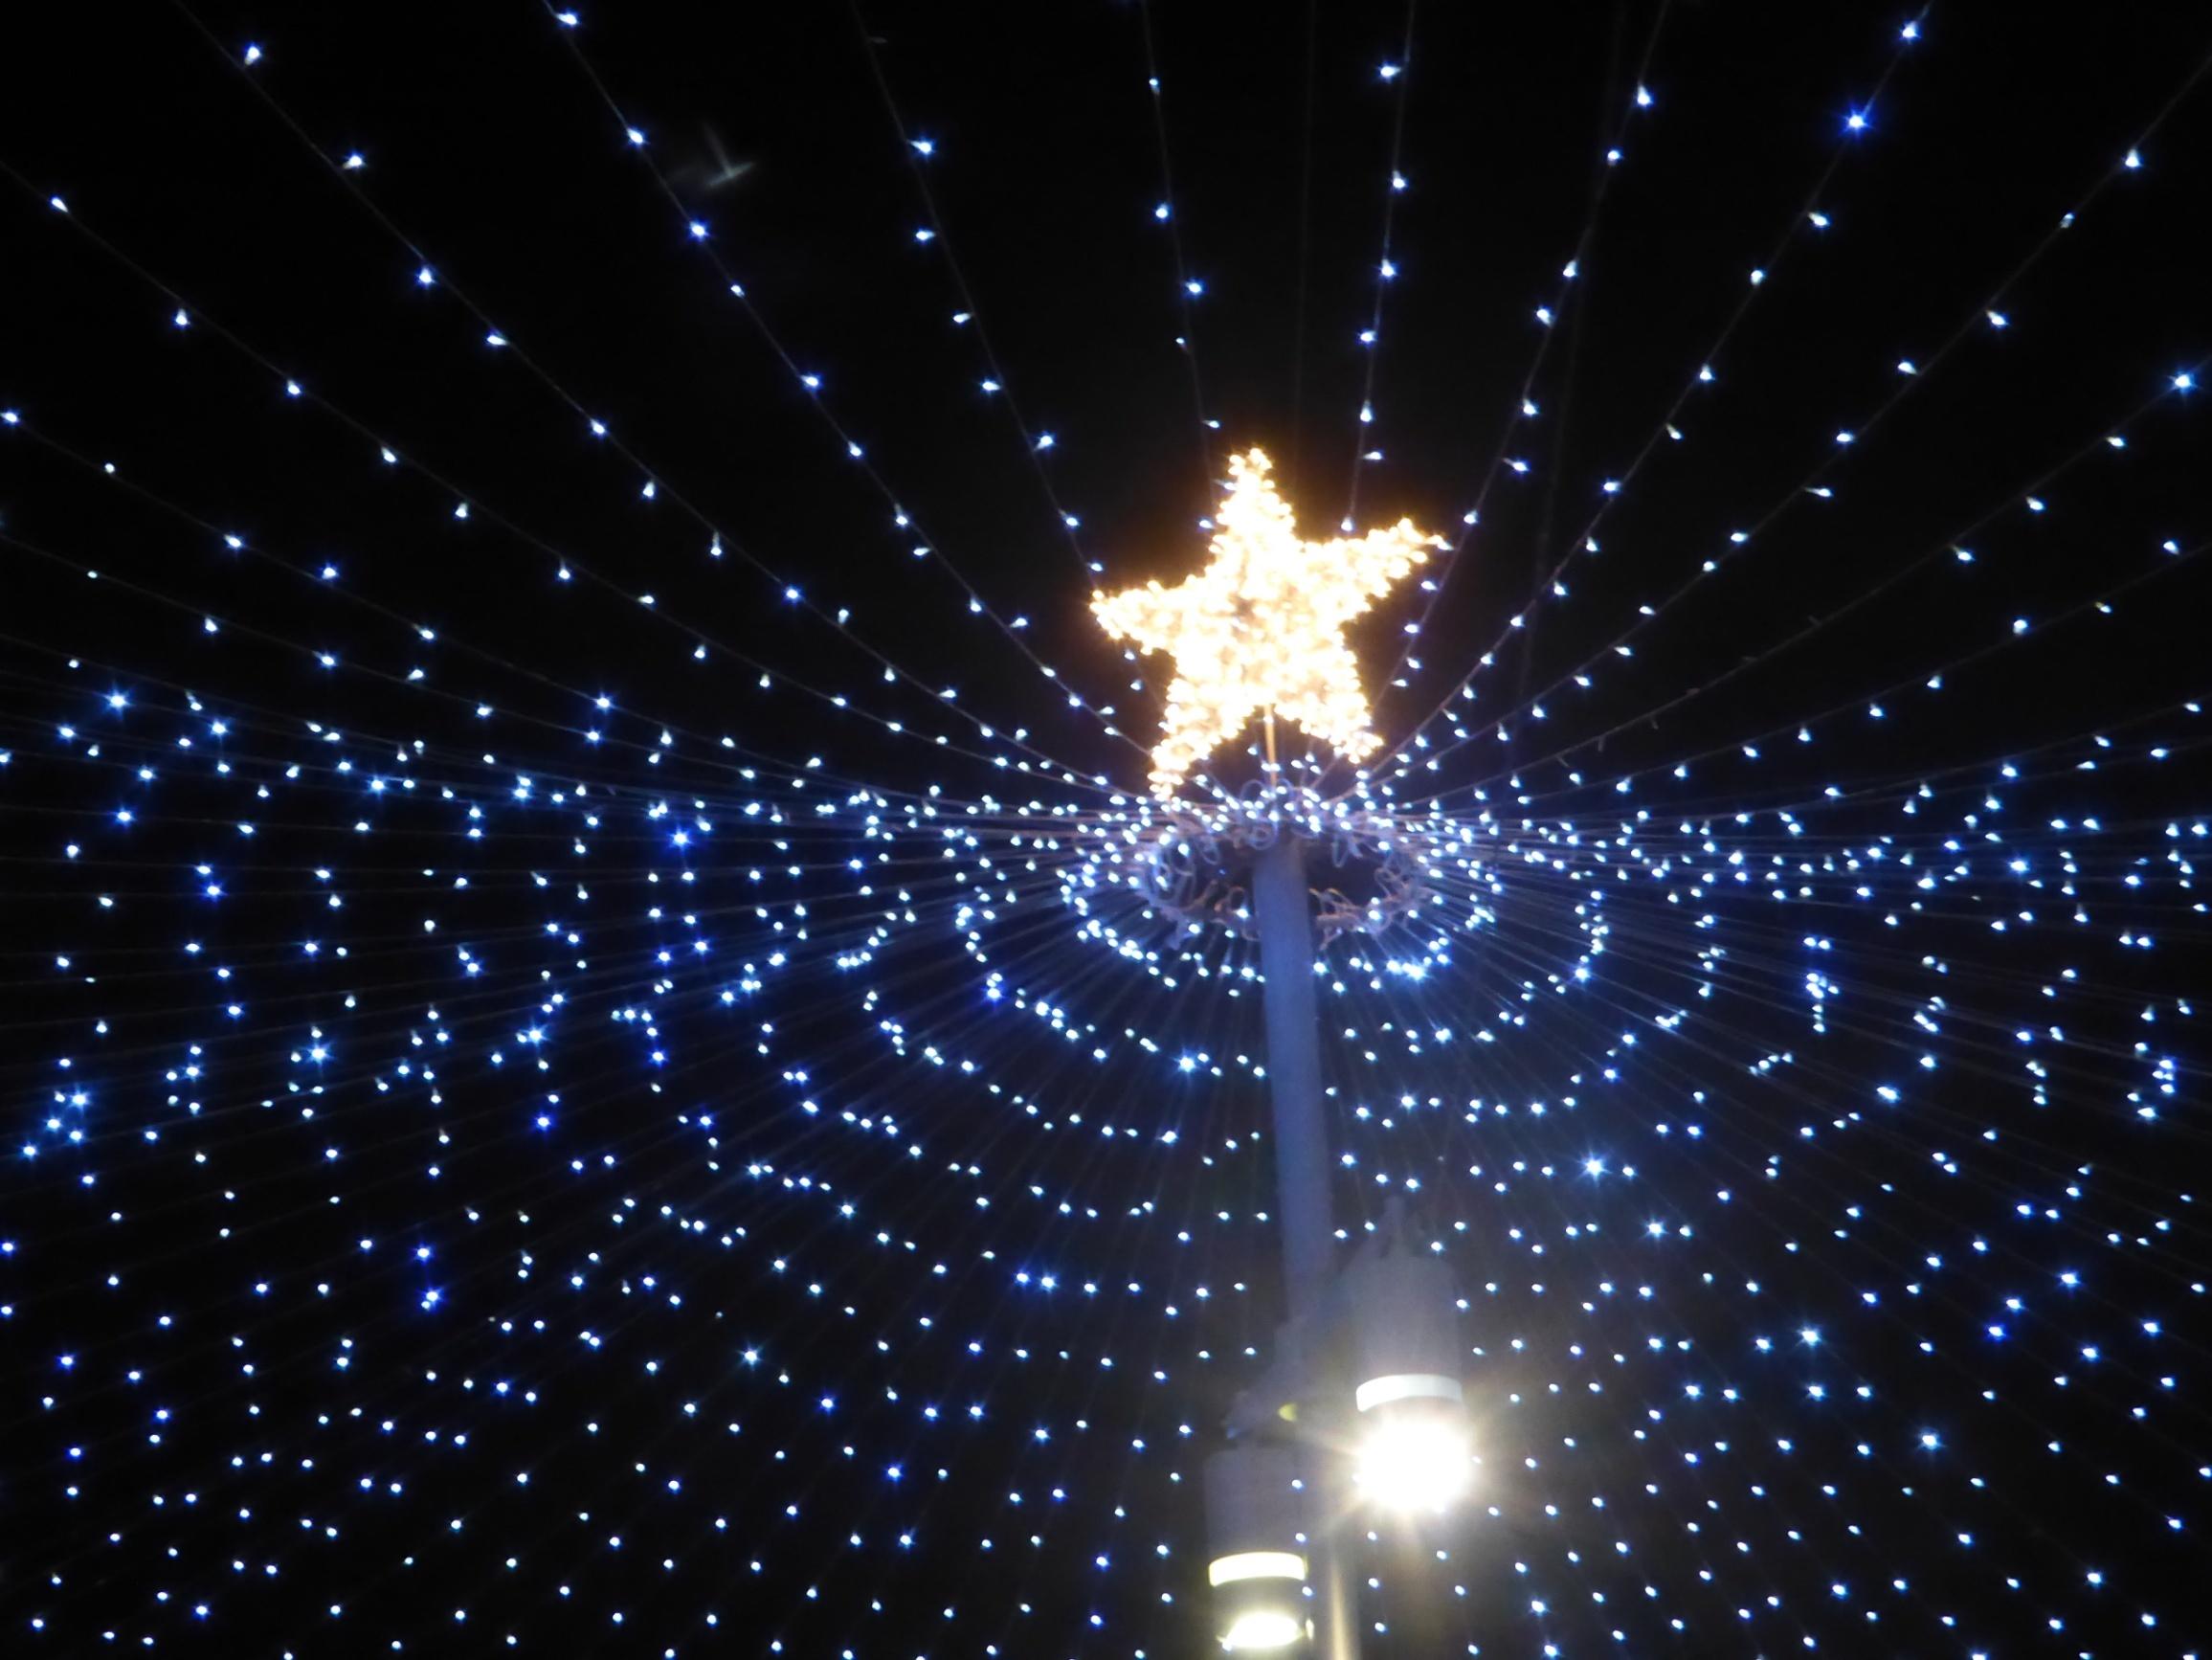 Wer Bringt Weihnachtsgeschenke In Spanien.Geschenke über Geschenke Spanische Weihnachten Youthreporter